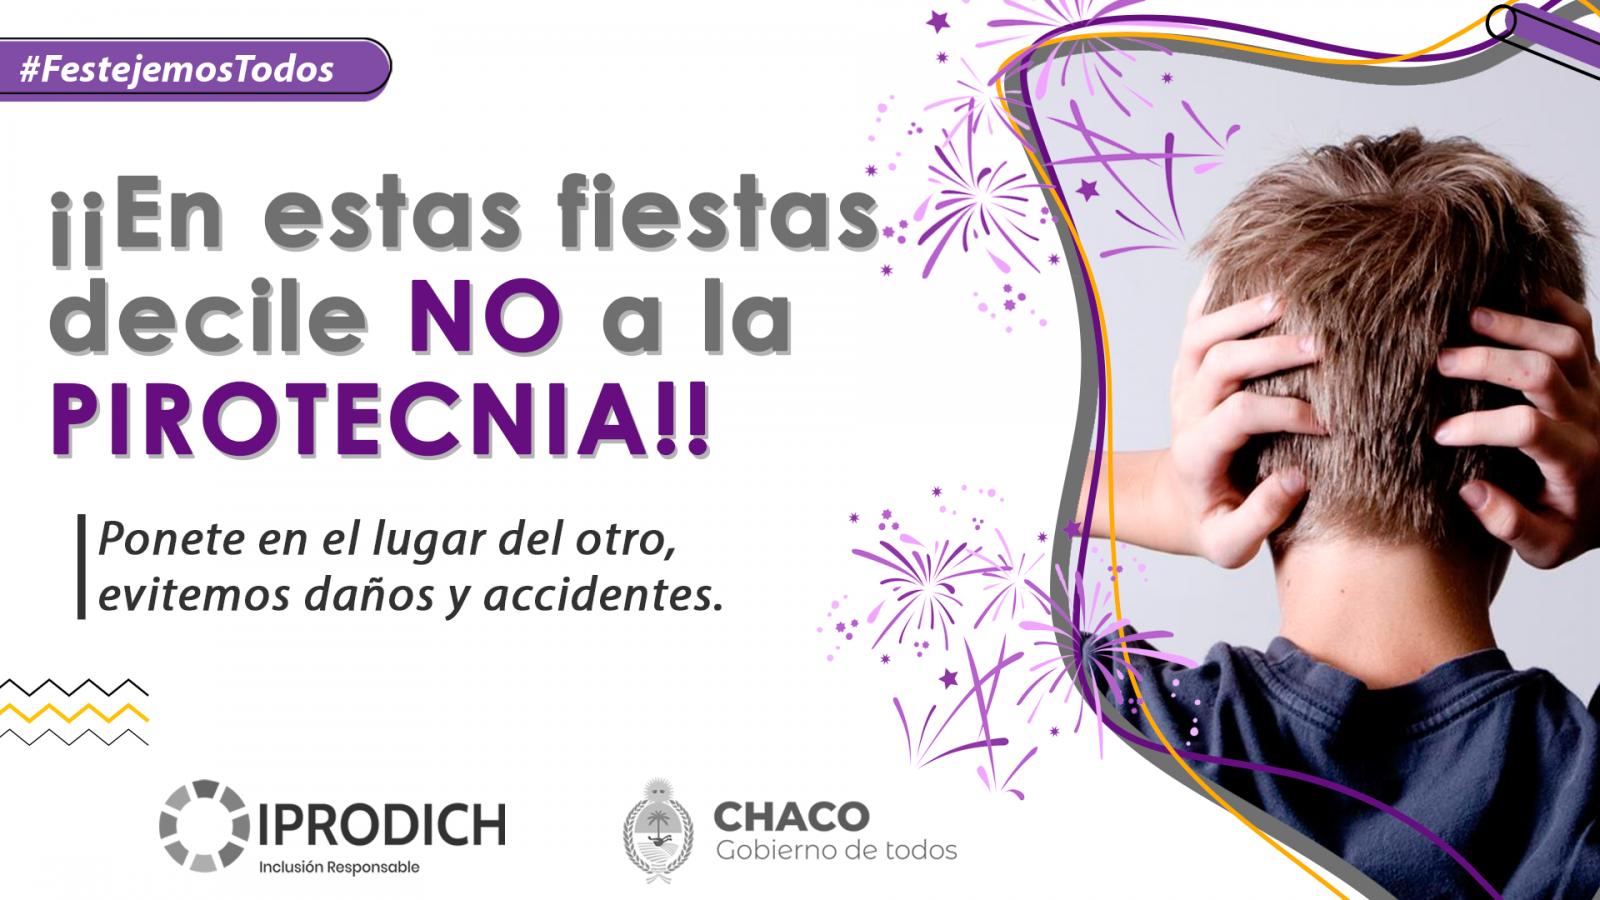 #FestejemosTodos: IPRODICH invita a celebrar las Fiestas sin pirotecnia para no afectar a personas con discapacidad